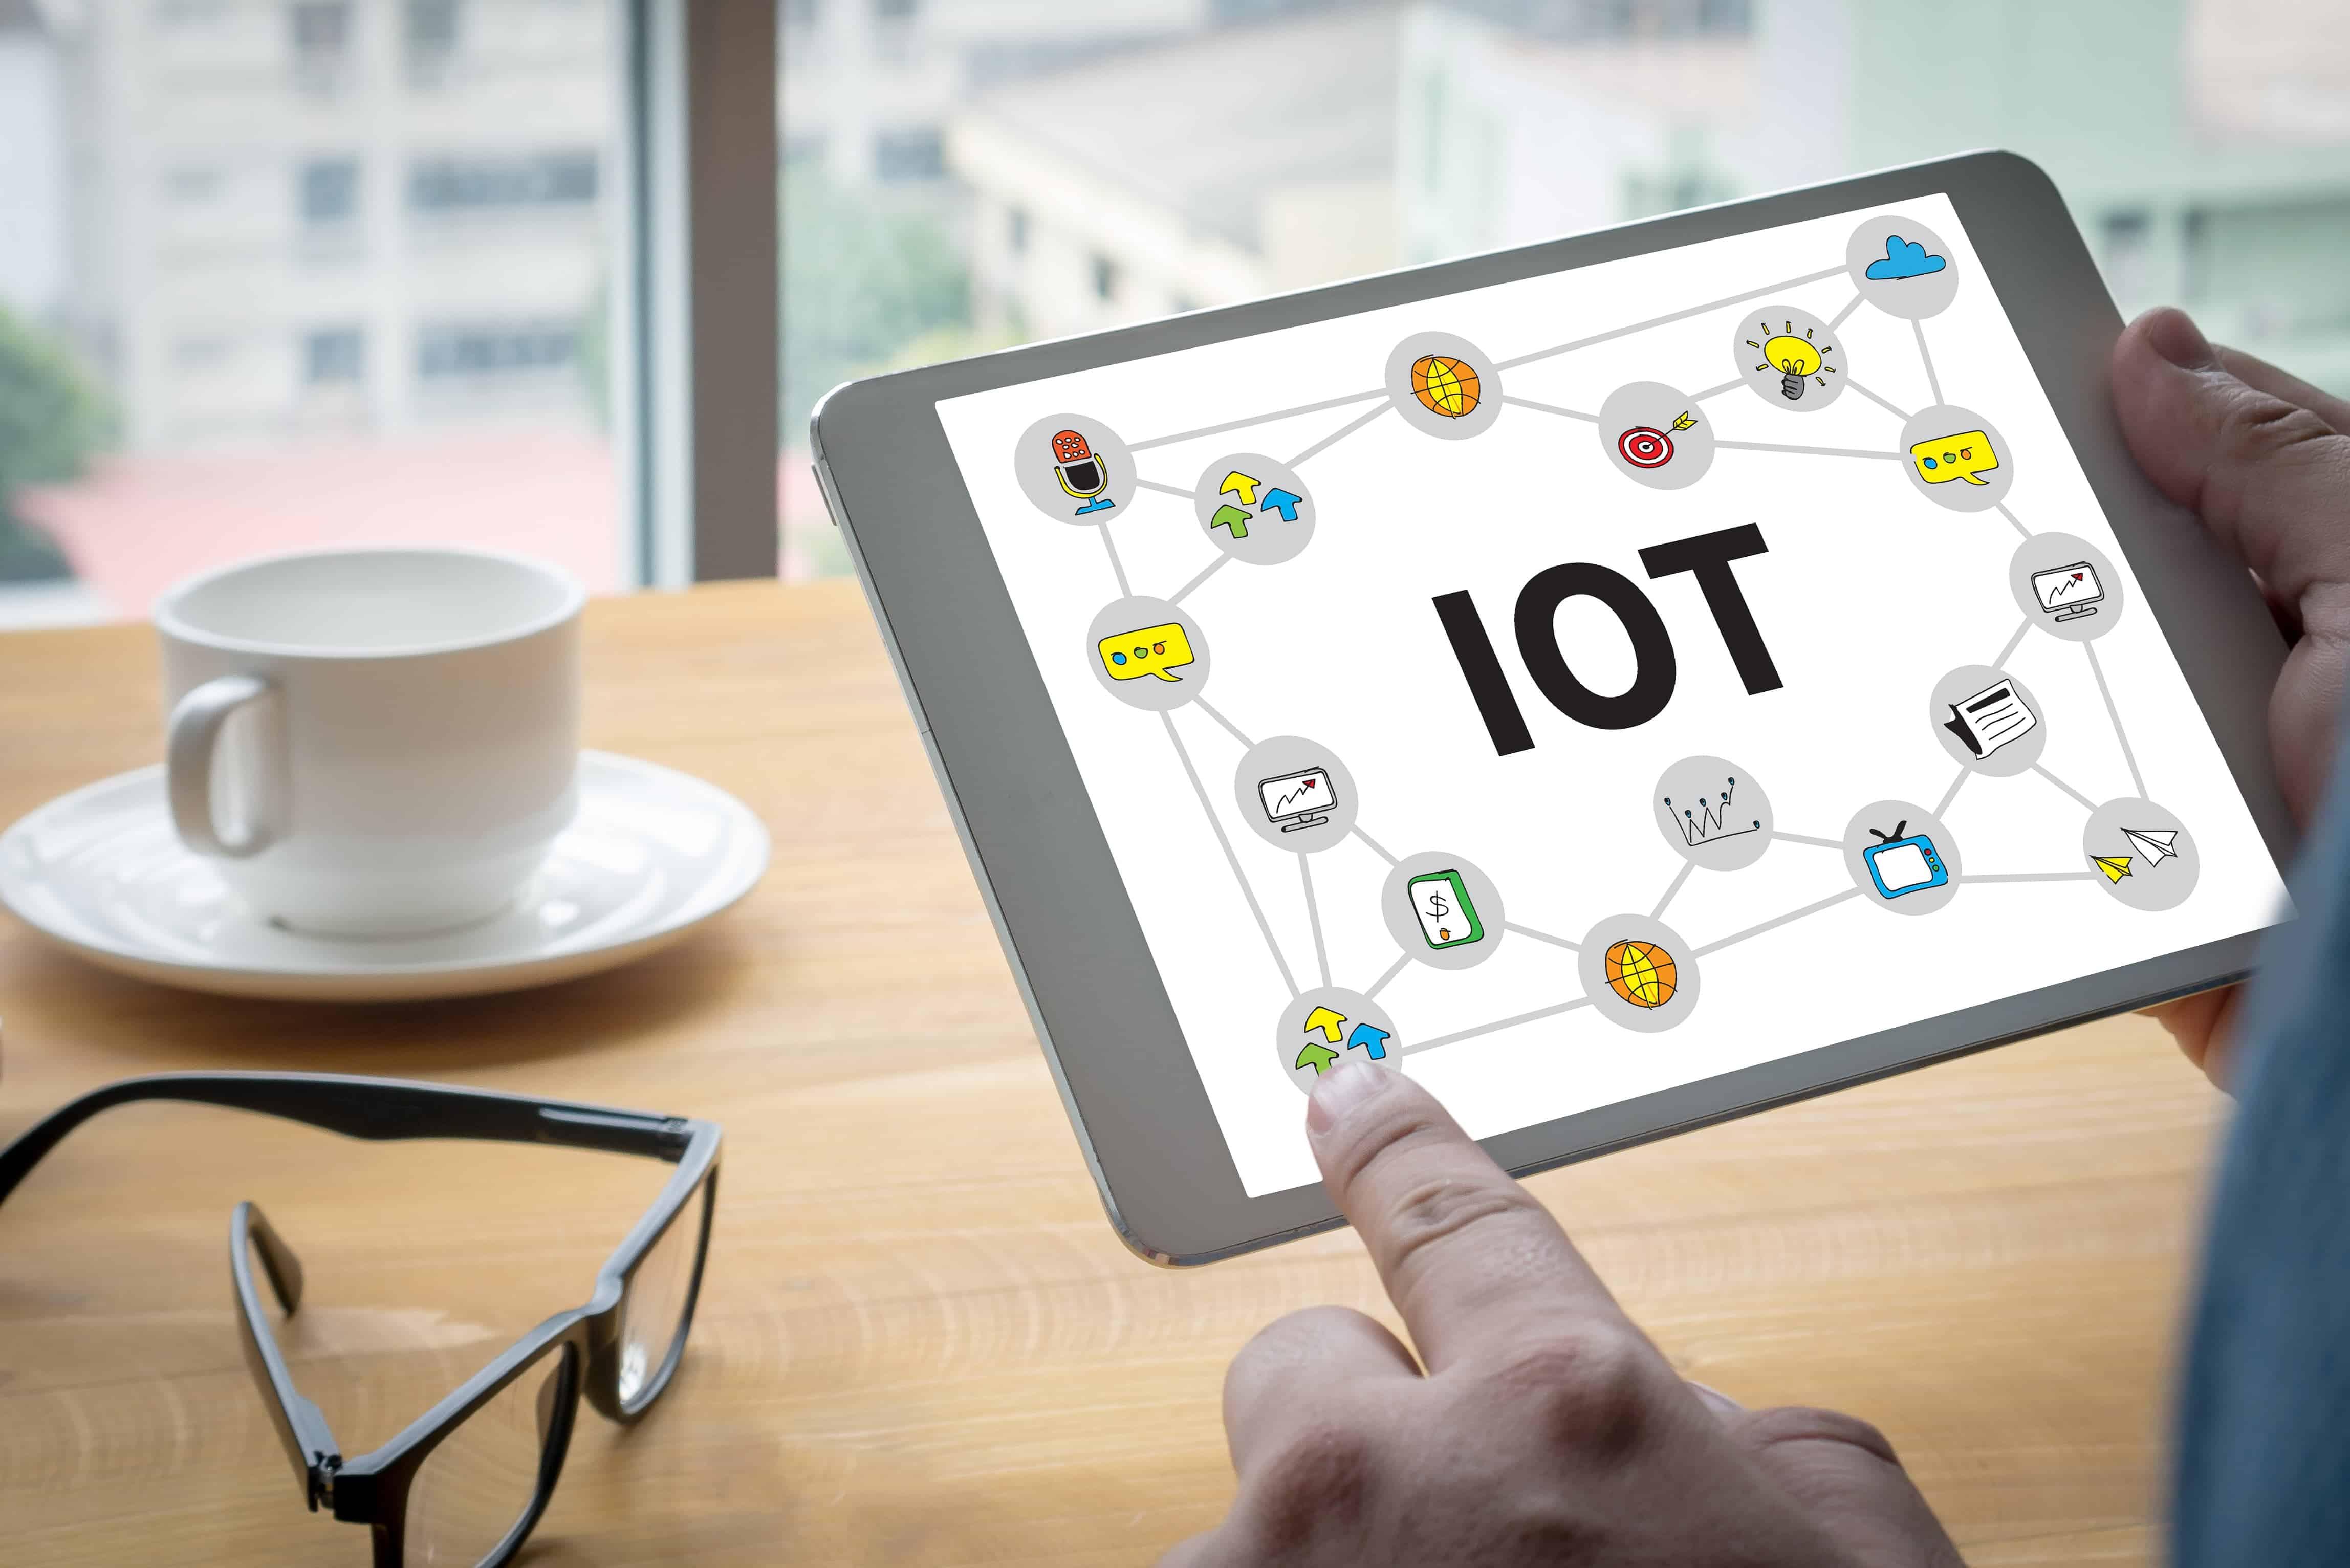 IOT MAINTENANCE : Maintenance connecté, prédictive avec les objets connectés.